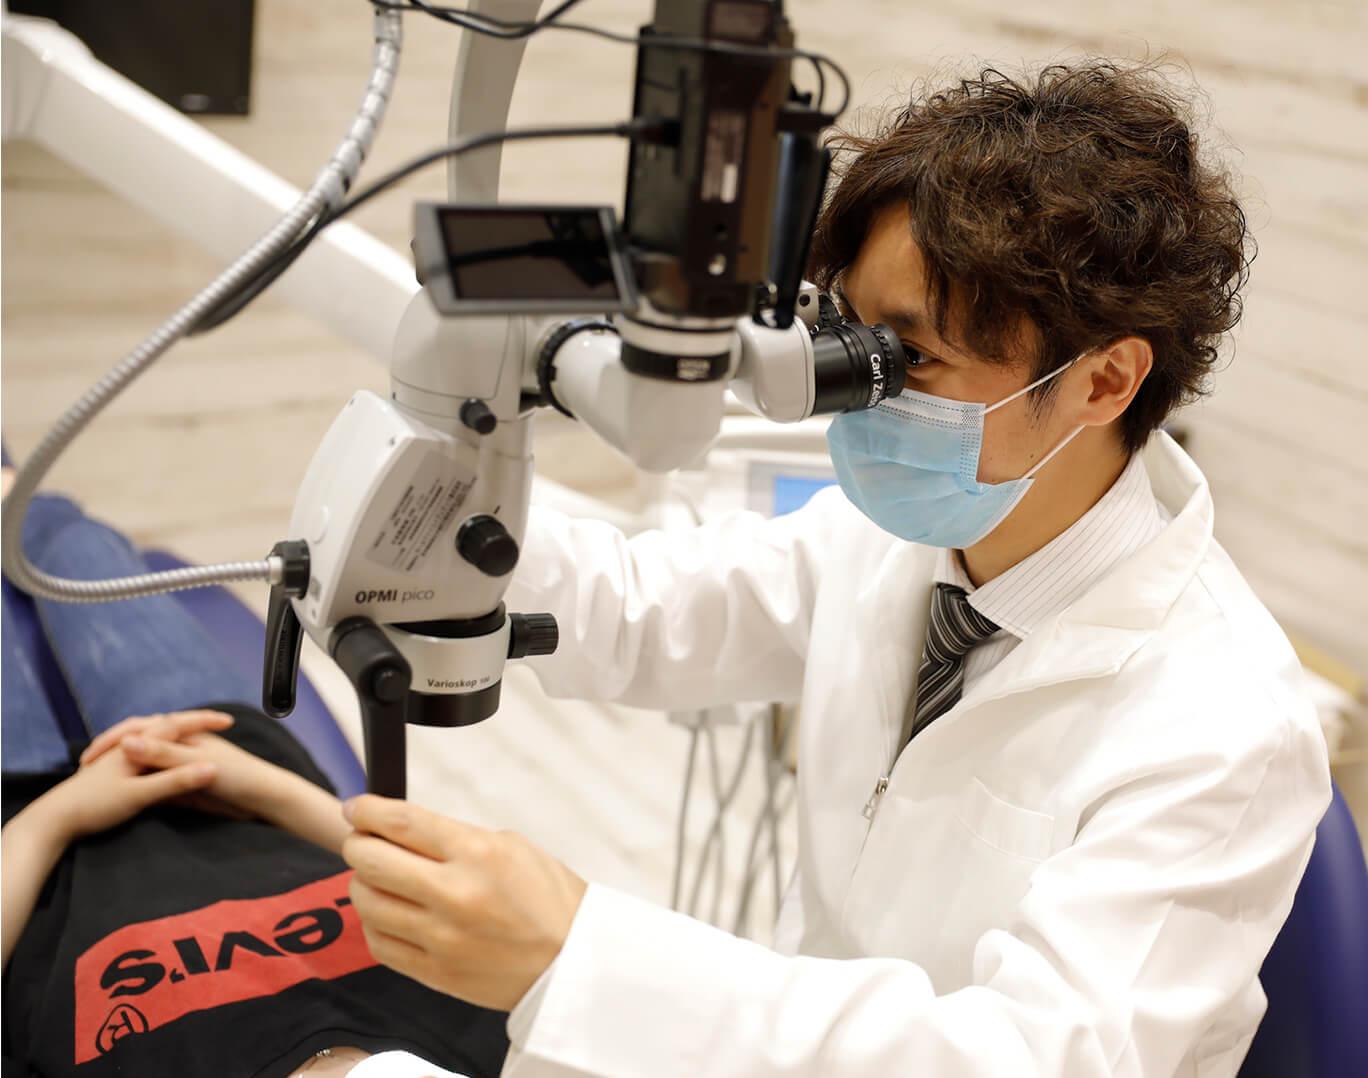 歯だけでなくお口の健康を総合的に診療する「マウスクリニック=お口の診療所」